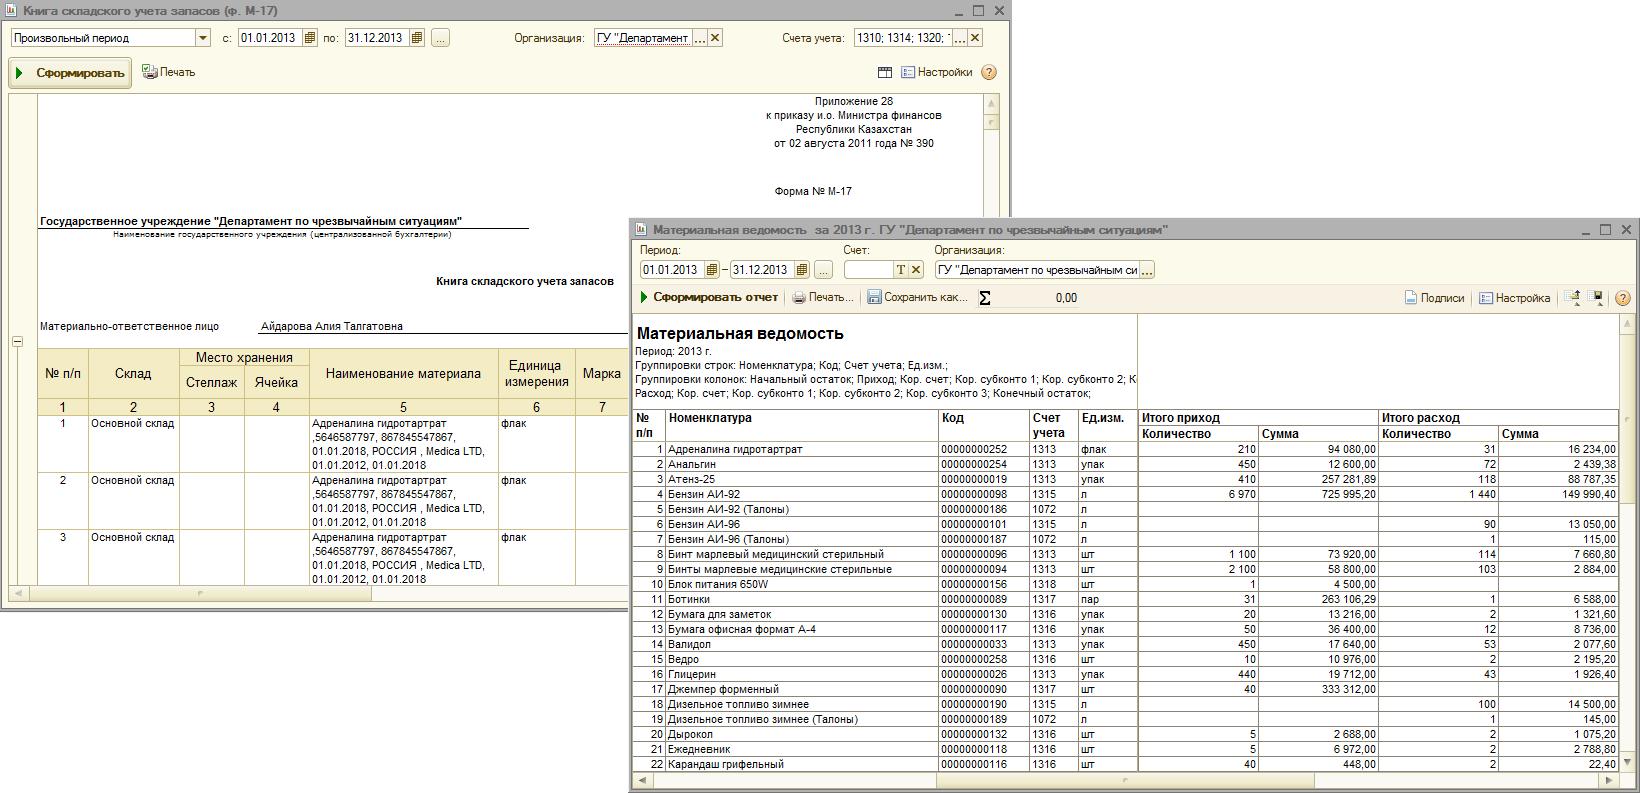 ведомость начисления заработной платы бланк 2011